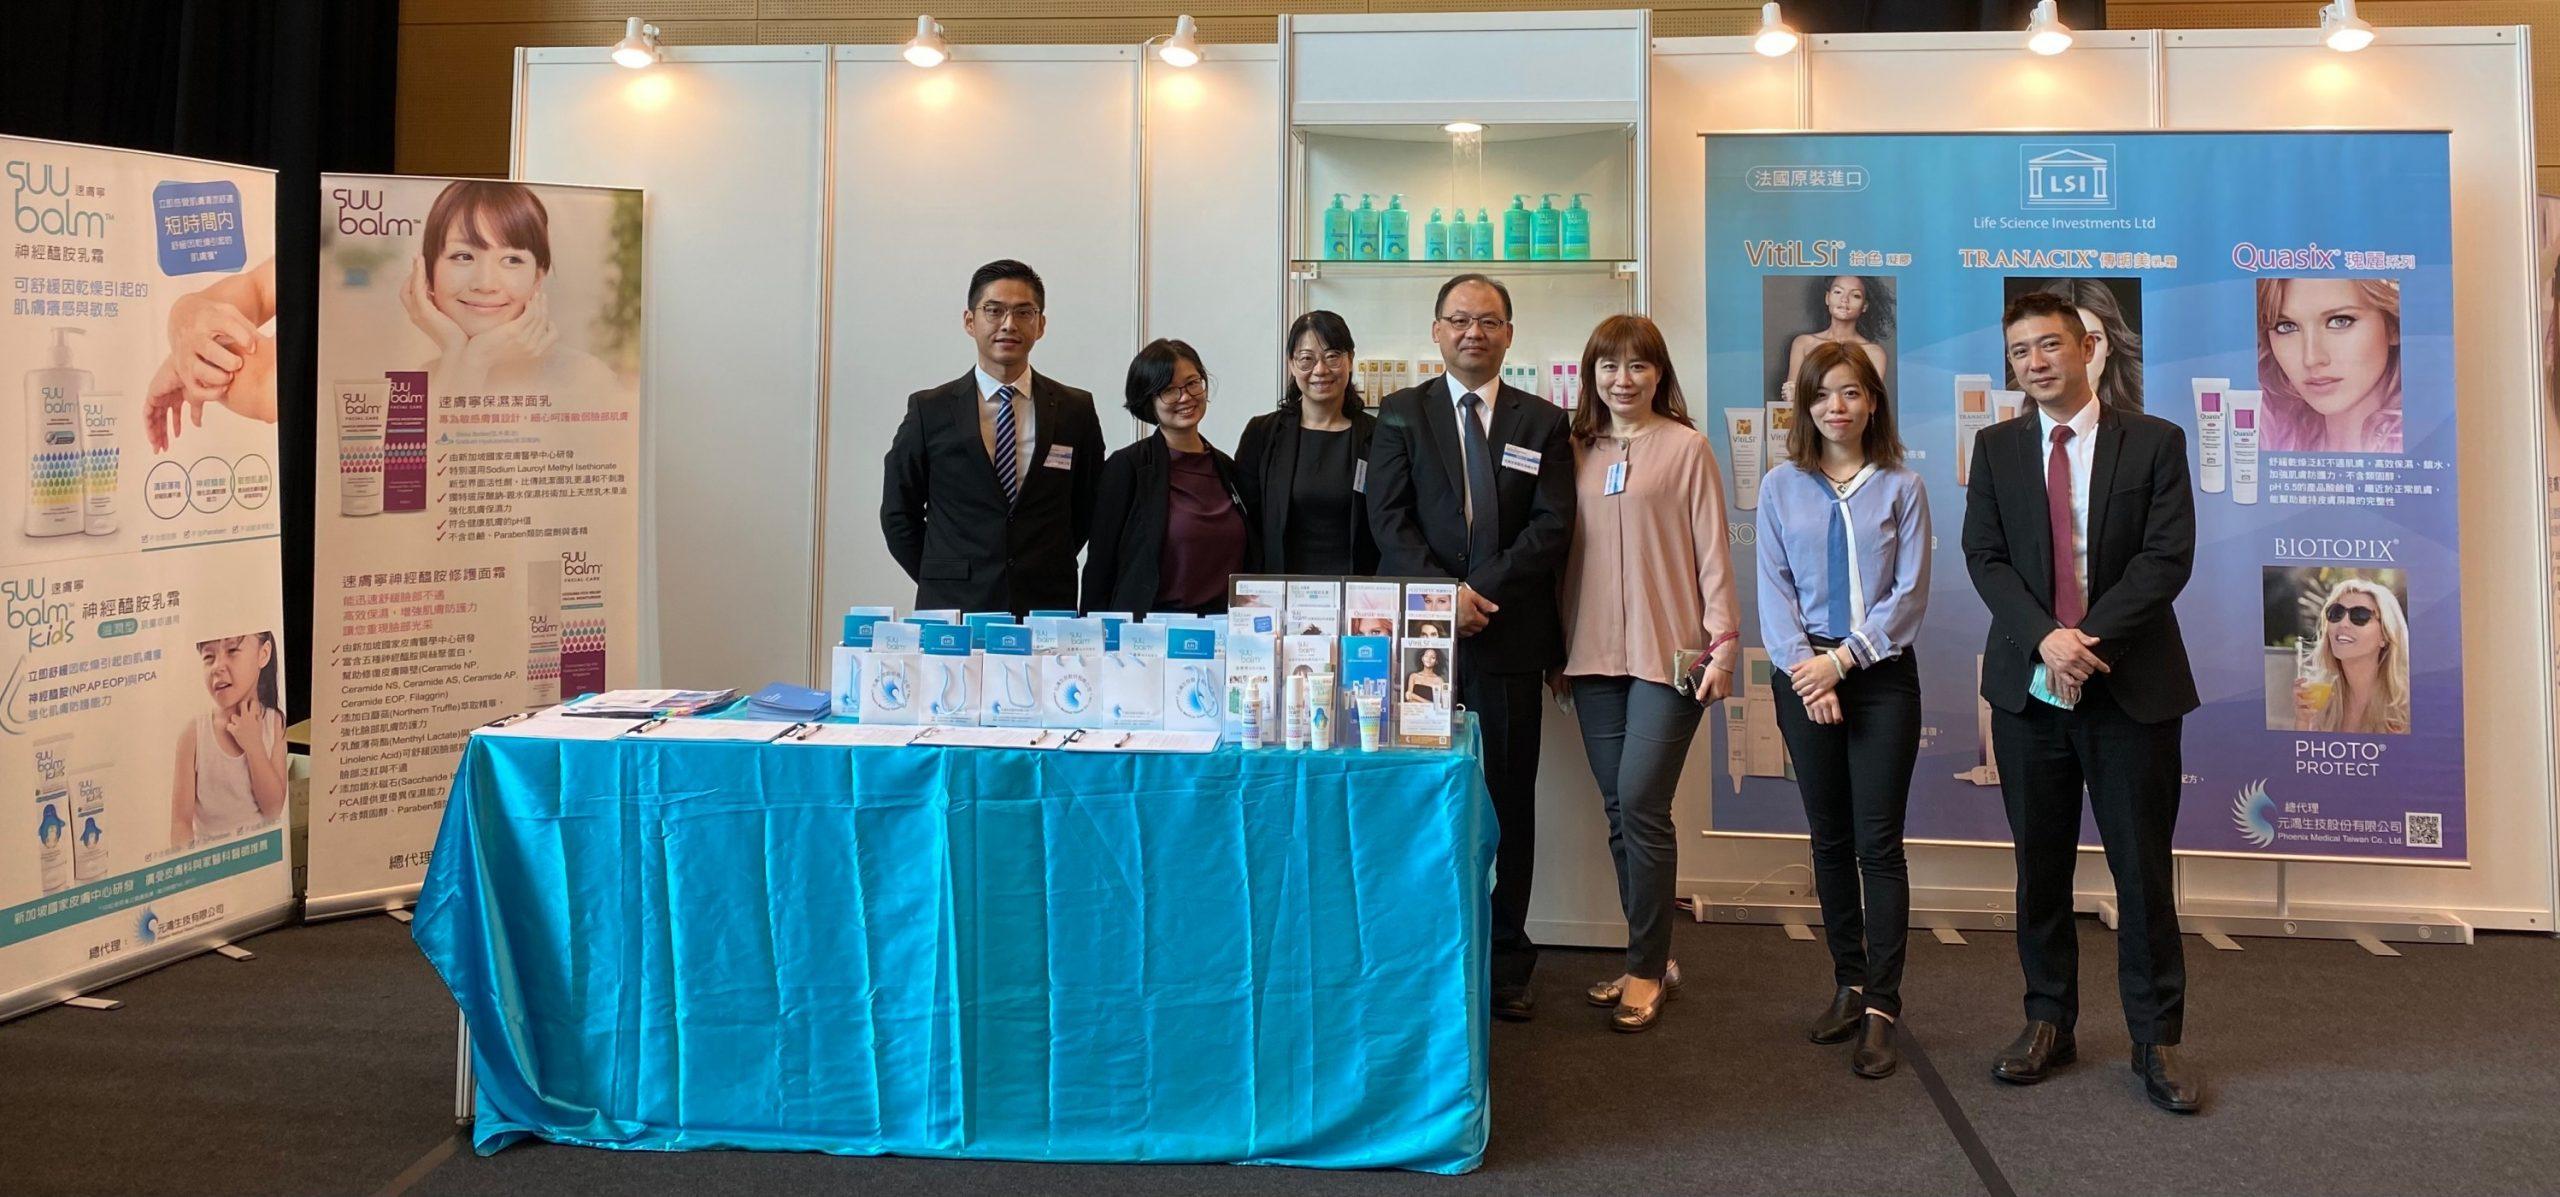 本公司參加2020年11月14日及15日的台灣皮膚科醫學會年會